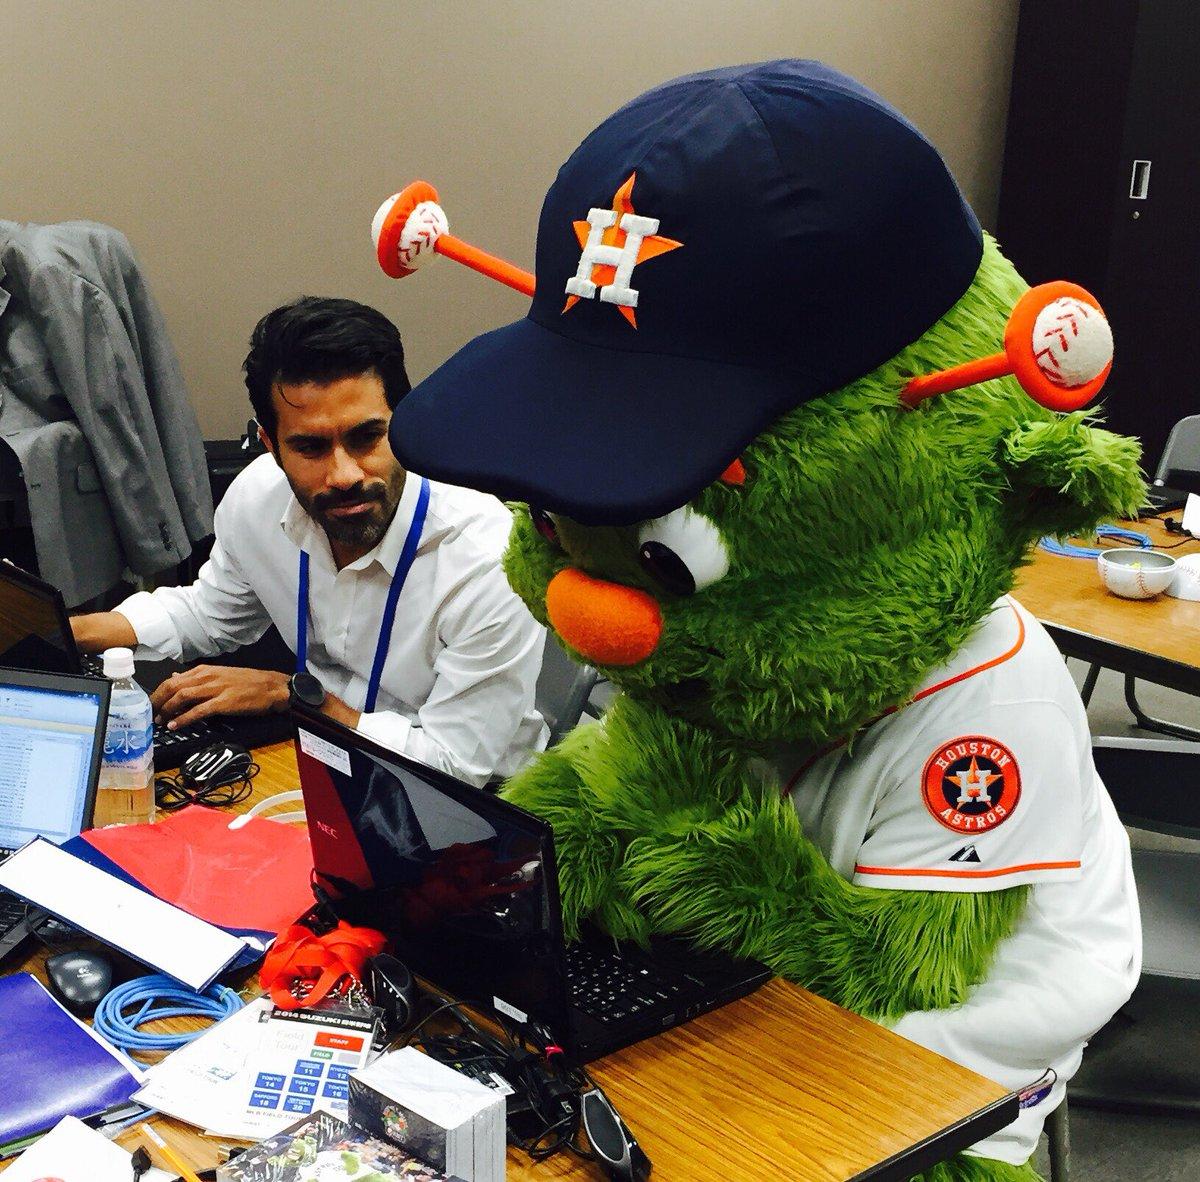 ABC13 Houston (@abc13houston)